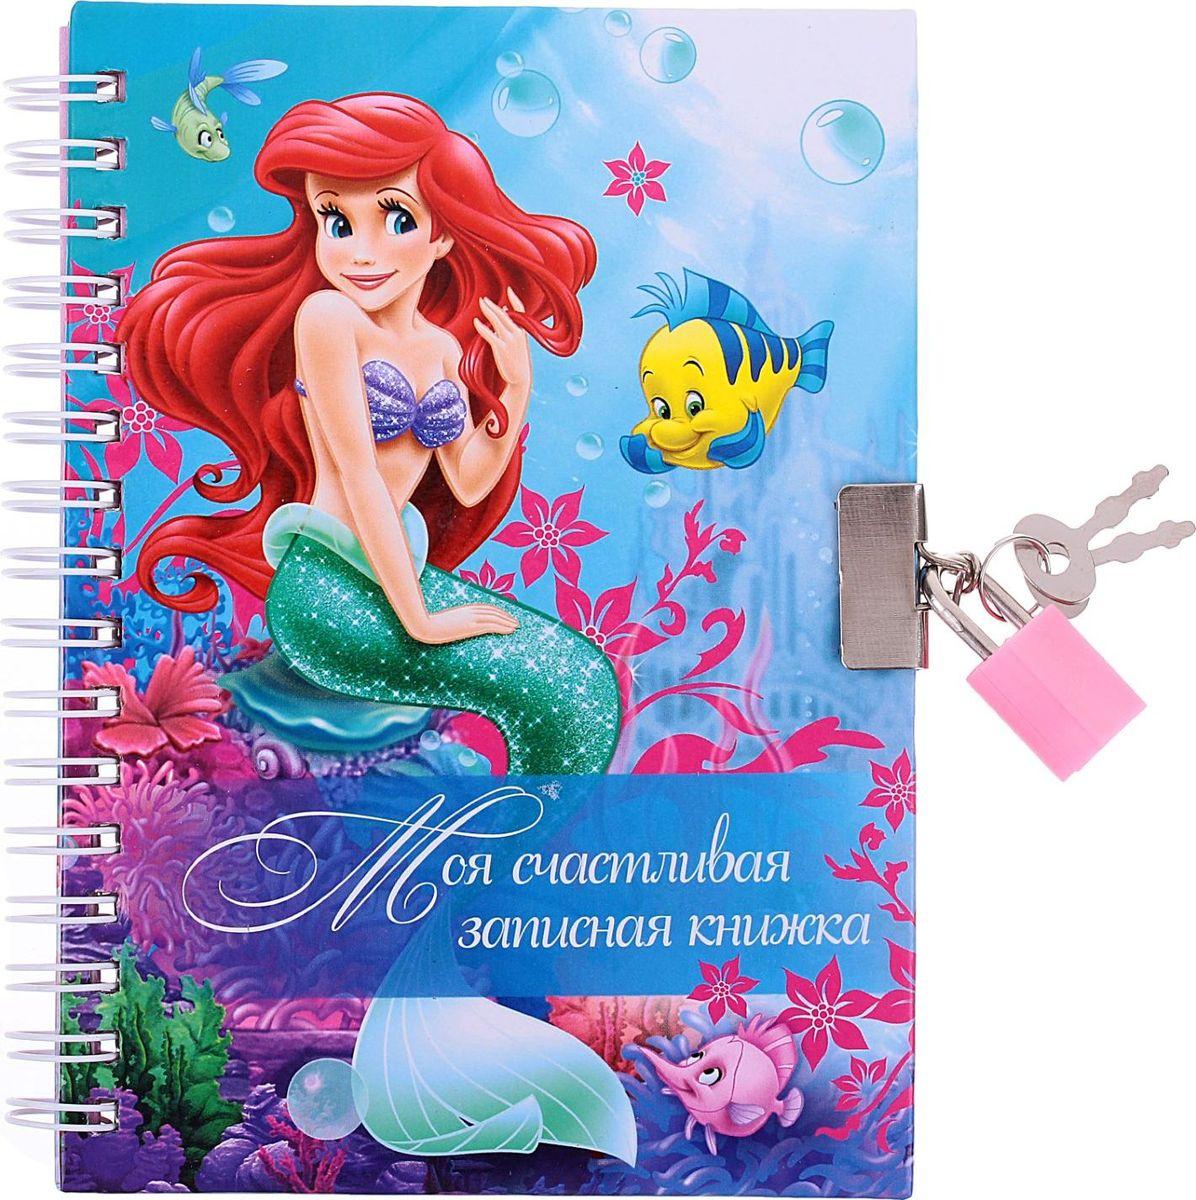 Disney Записная книжка Принцессы Ариэль Моя счастливая записная книжка 50 листов записная книжка дневник гламурной принцессы 86 листов